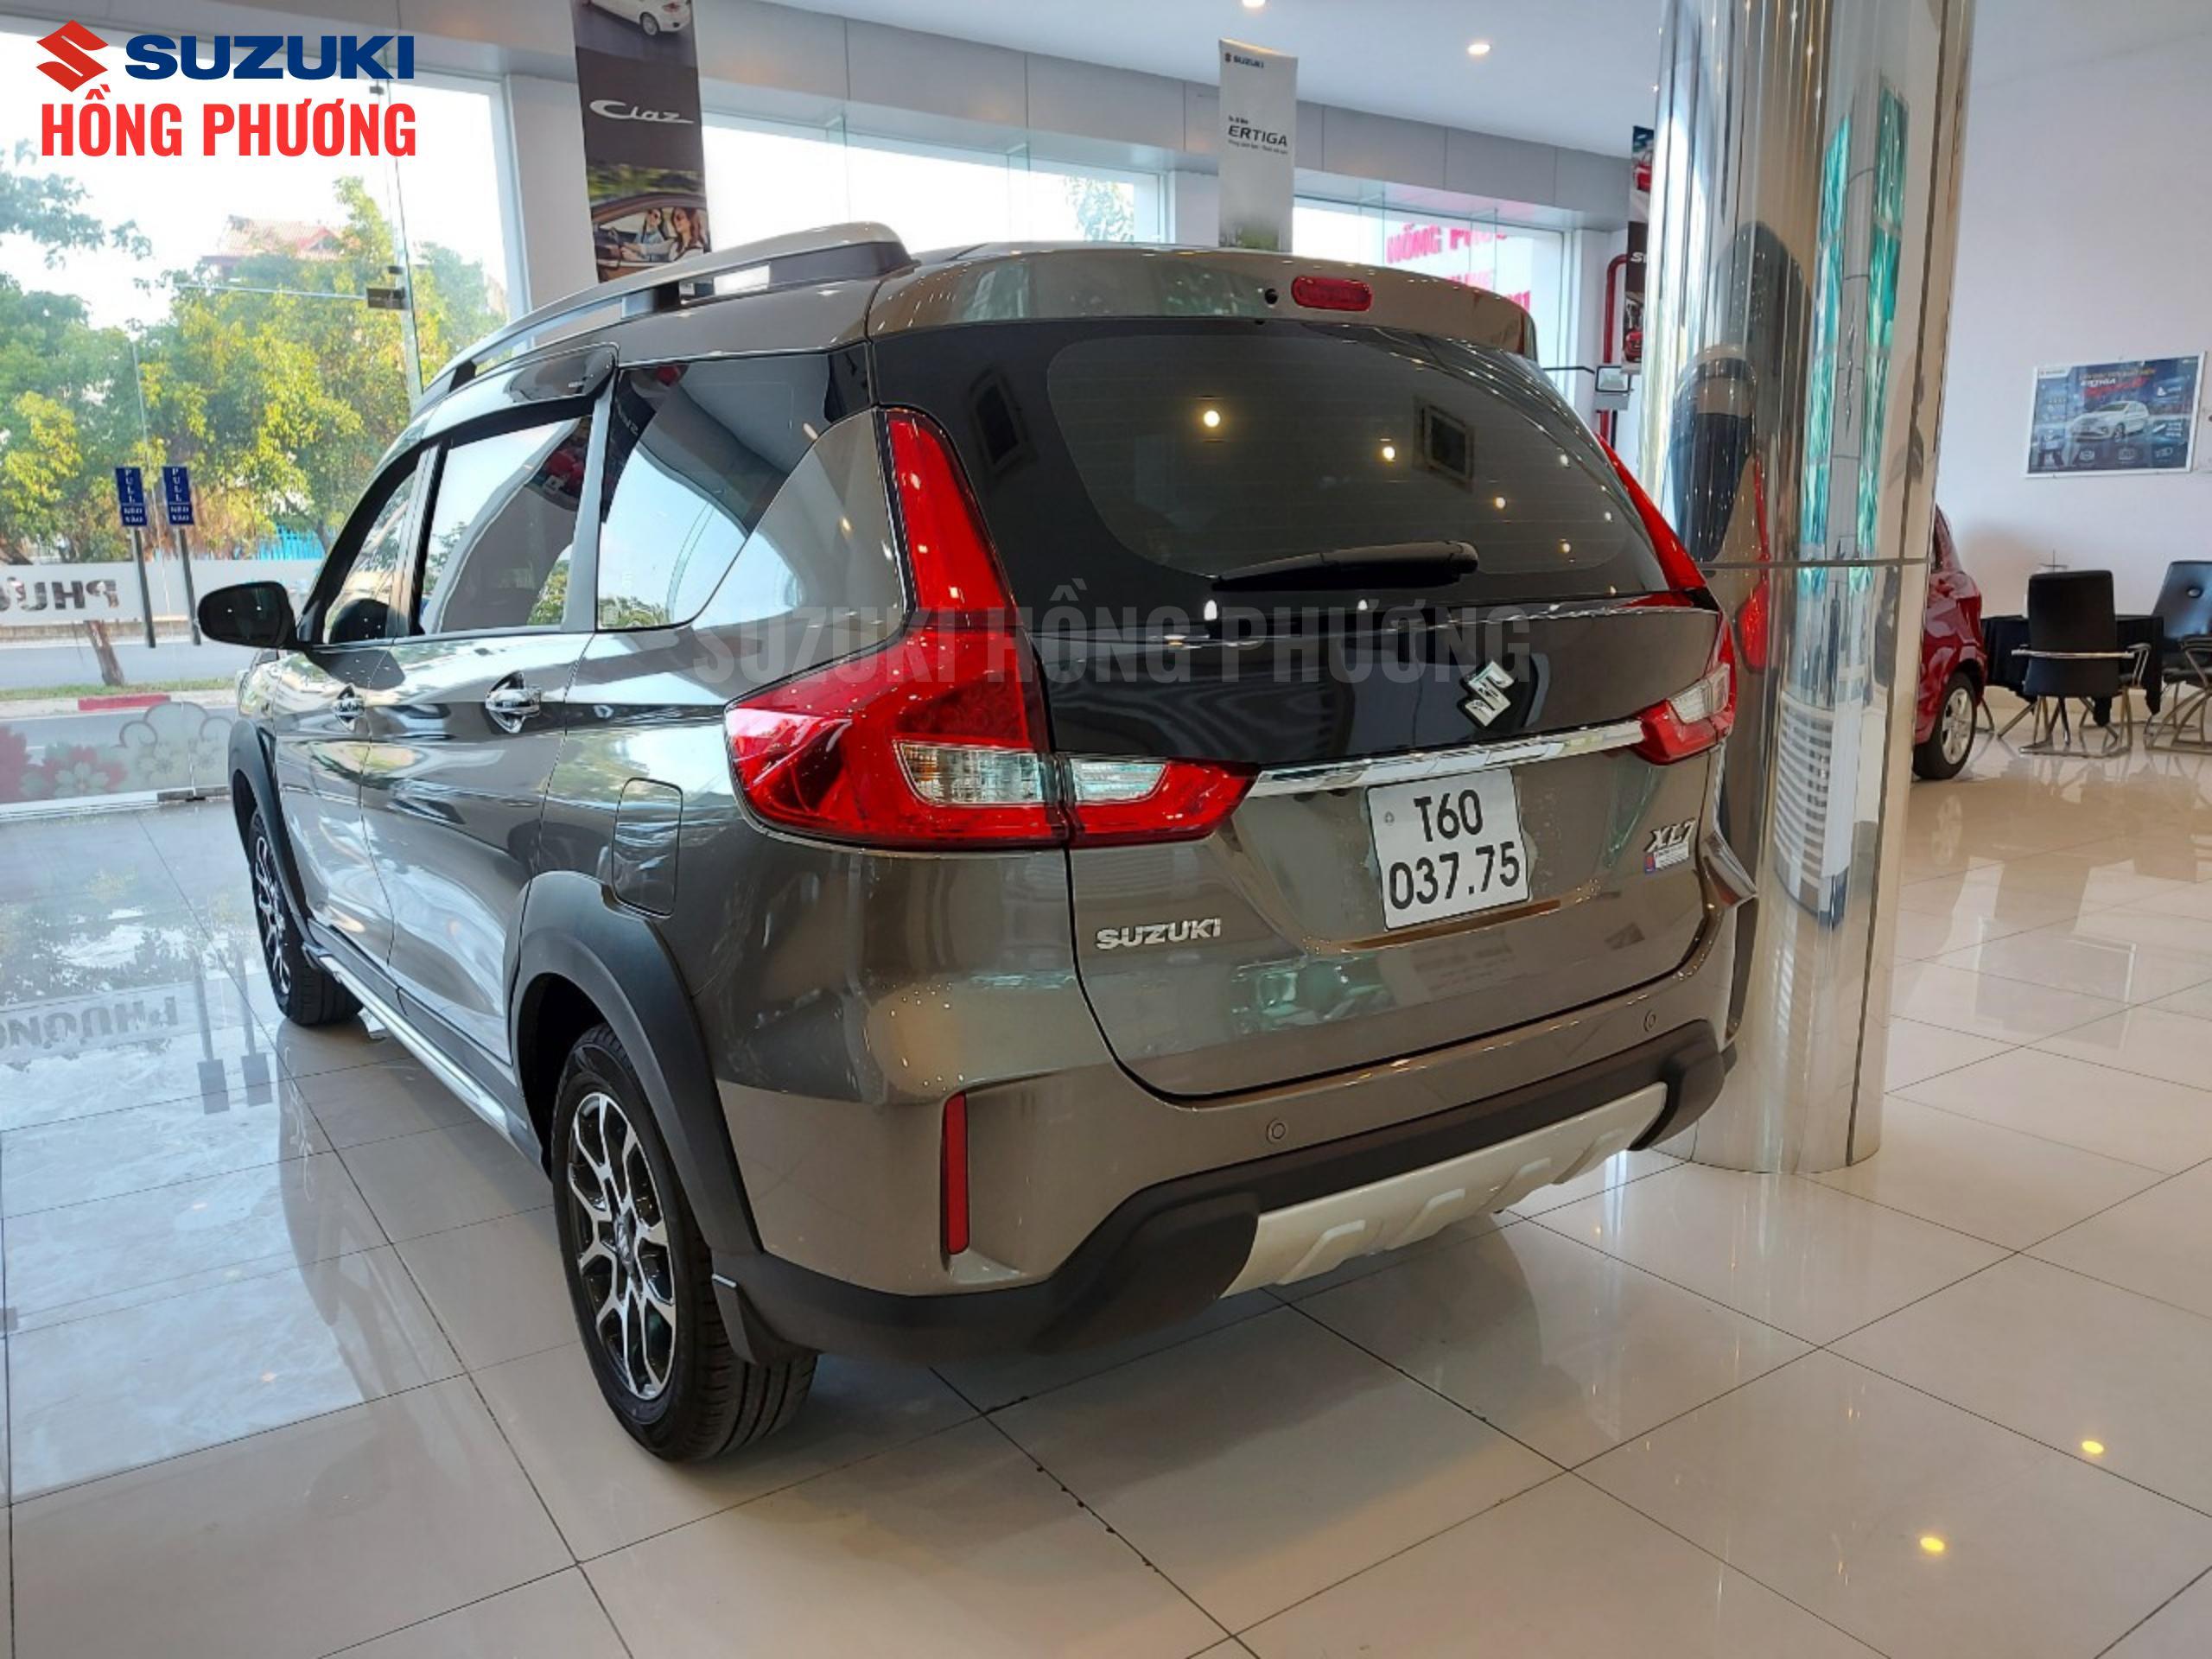 Xe ô tô 7 chỗ Suzuki XL7 nhìn từ phía sau